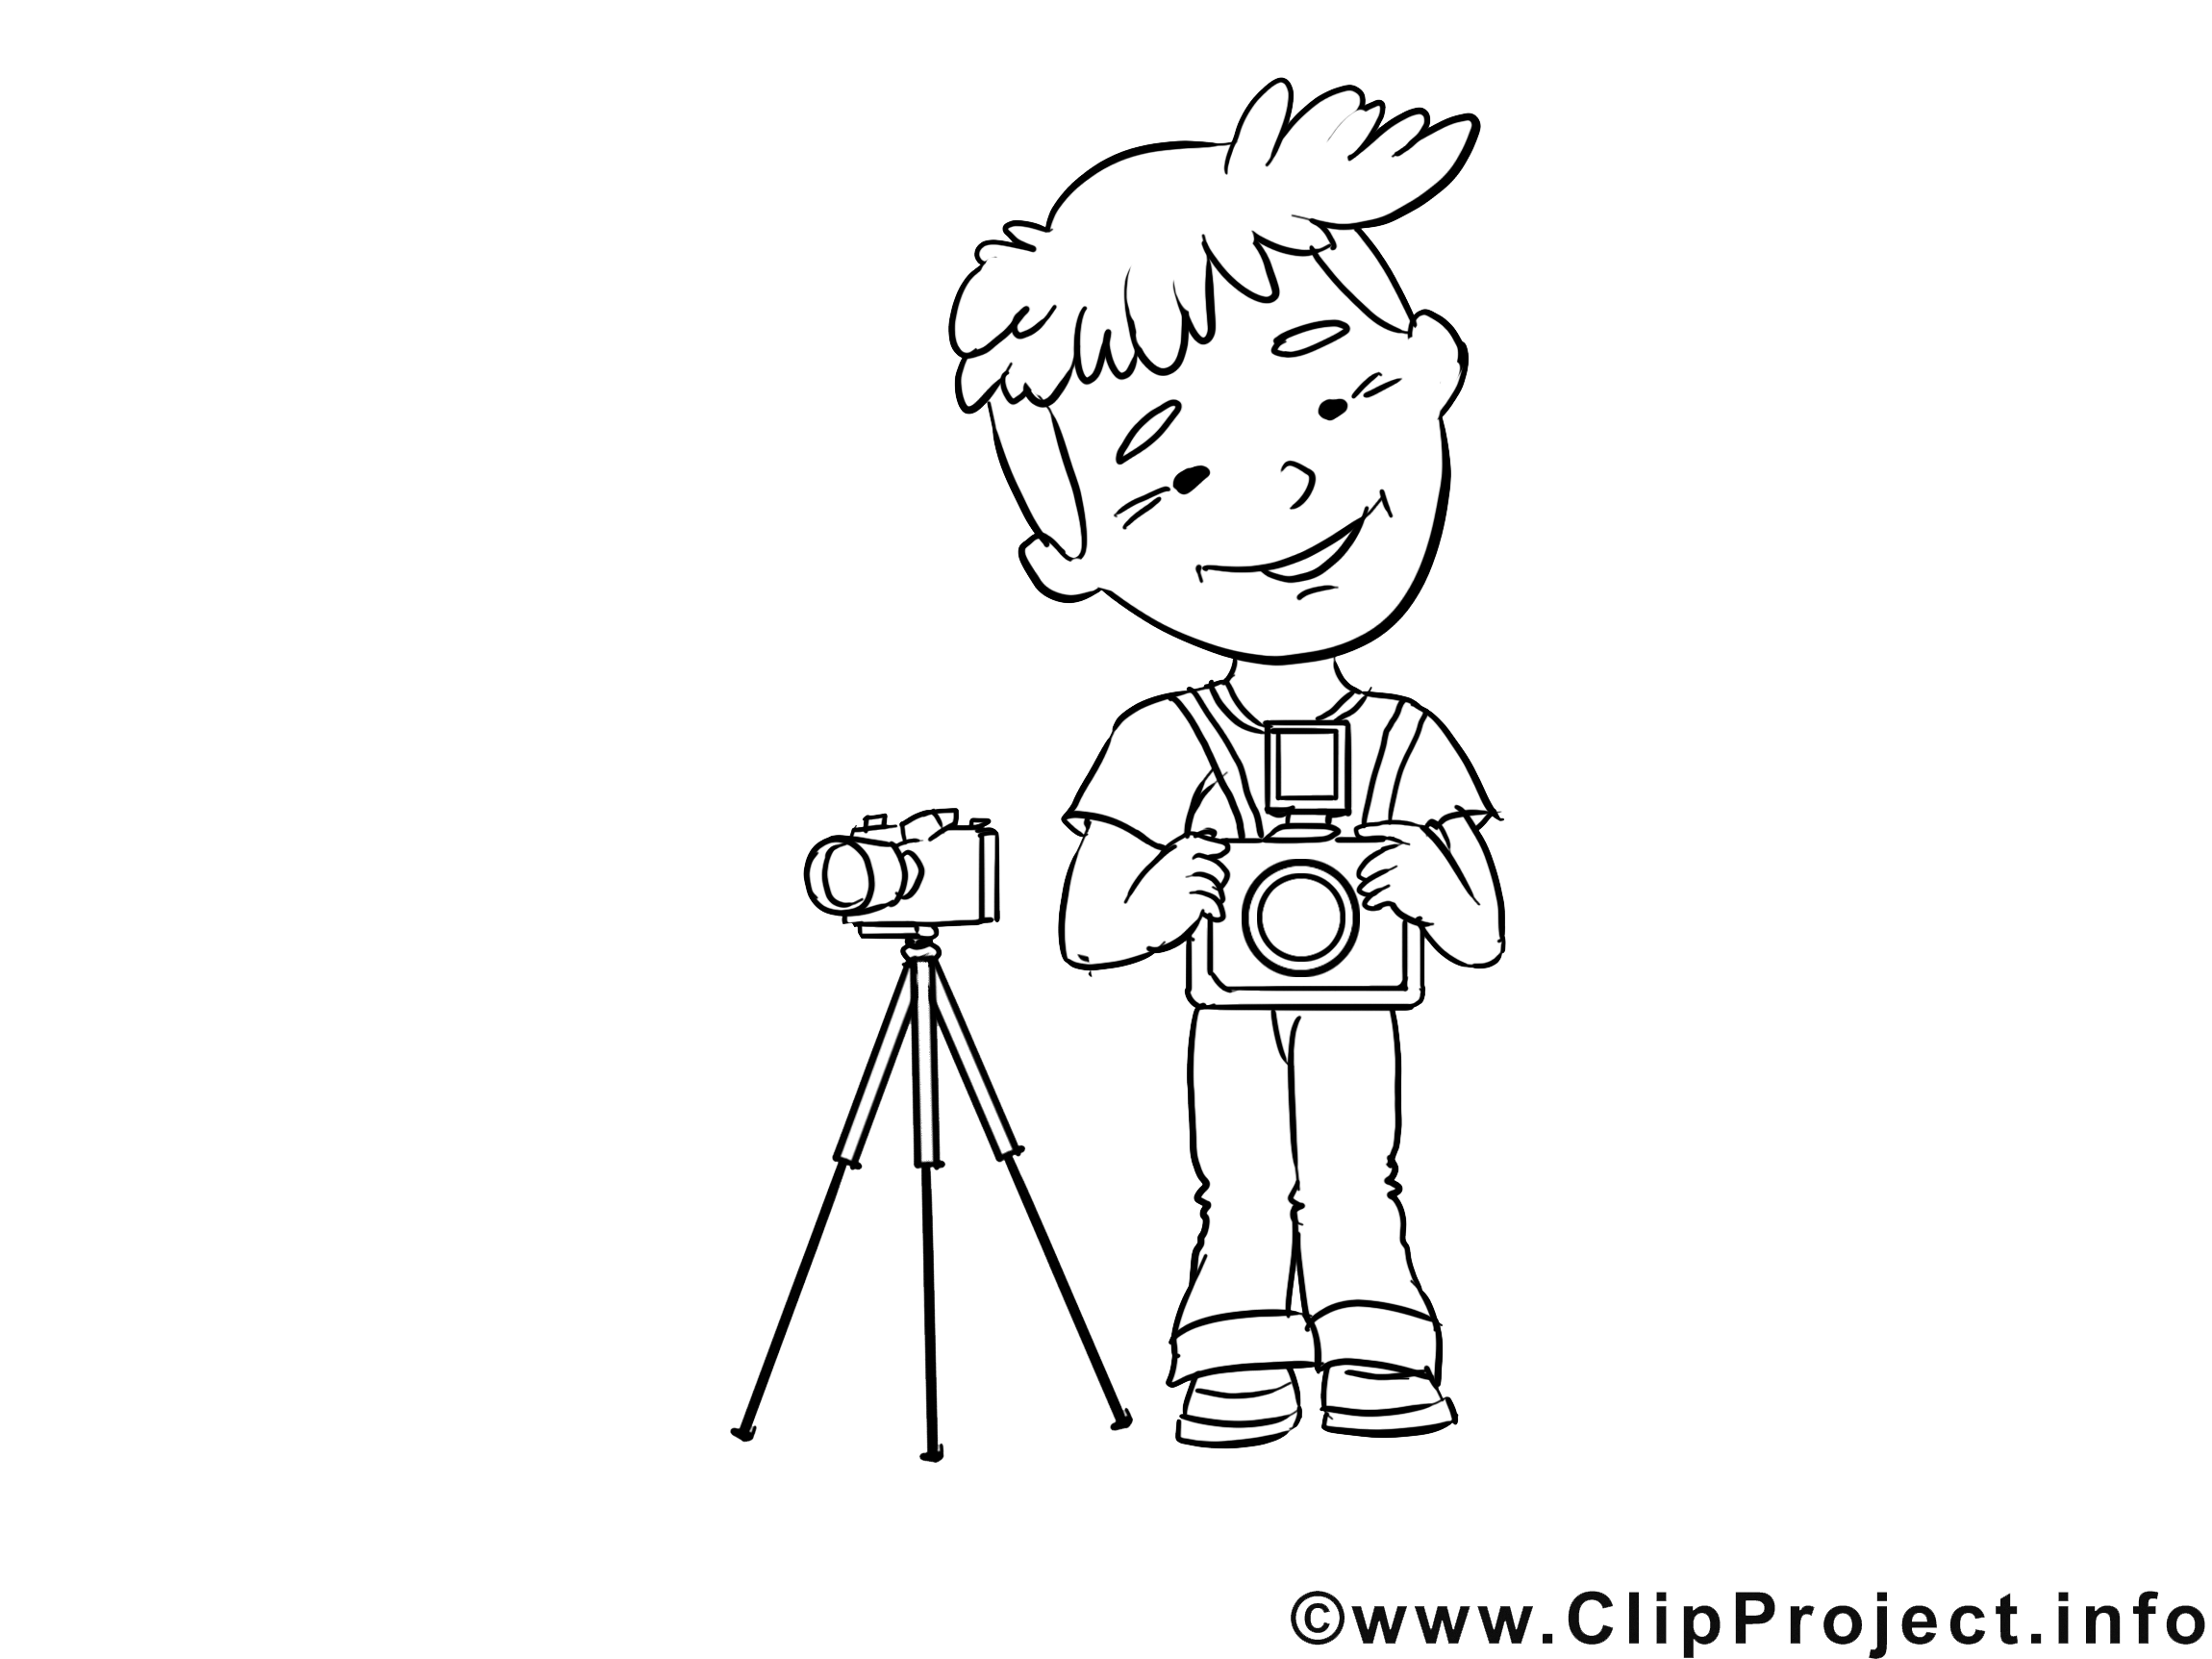 Photographe image à télécharger – Métiers à colorier